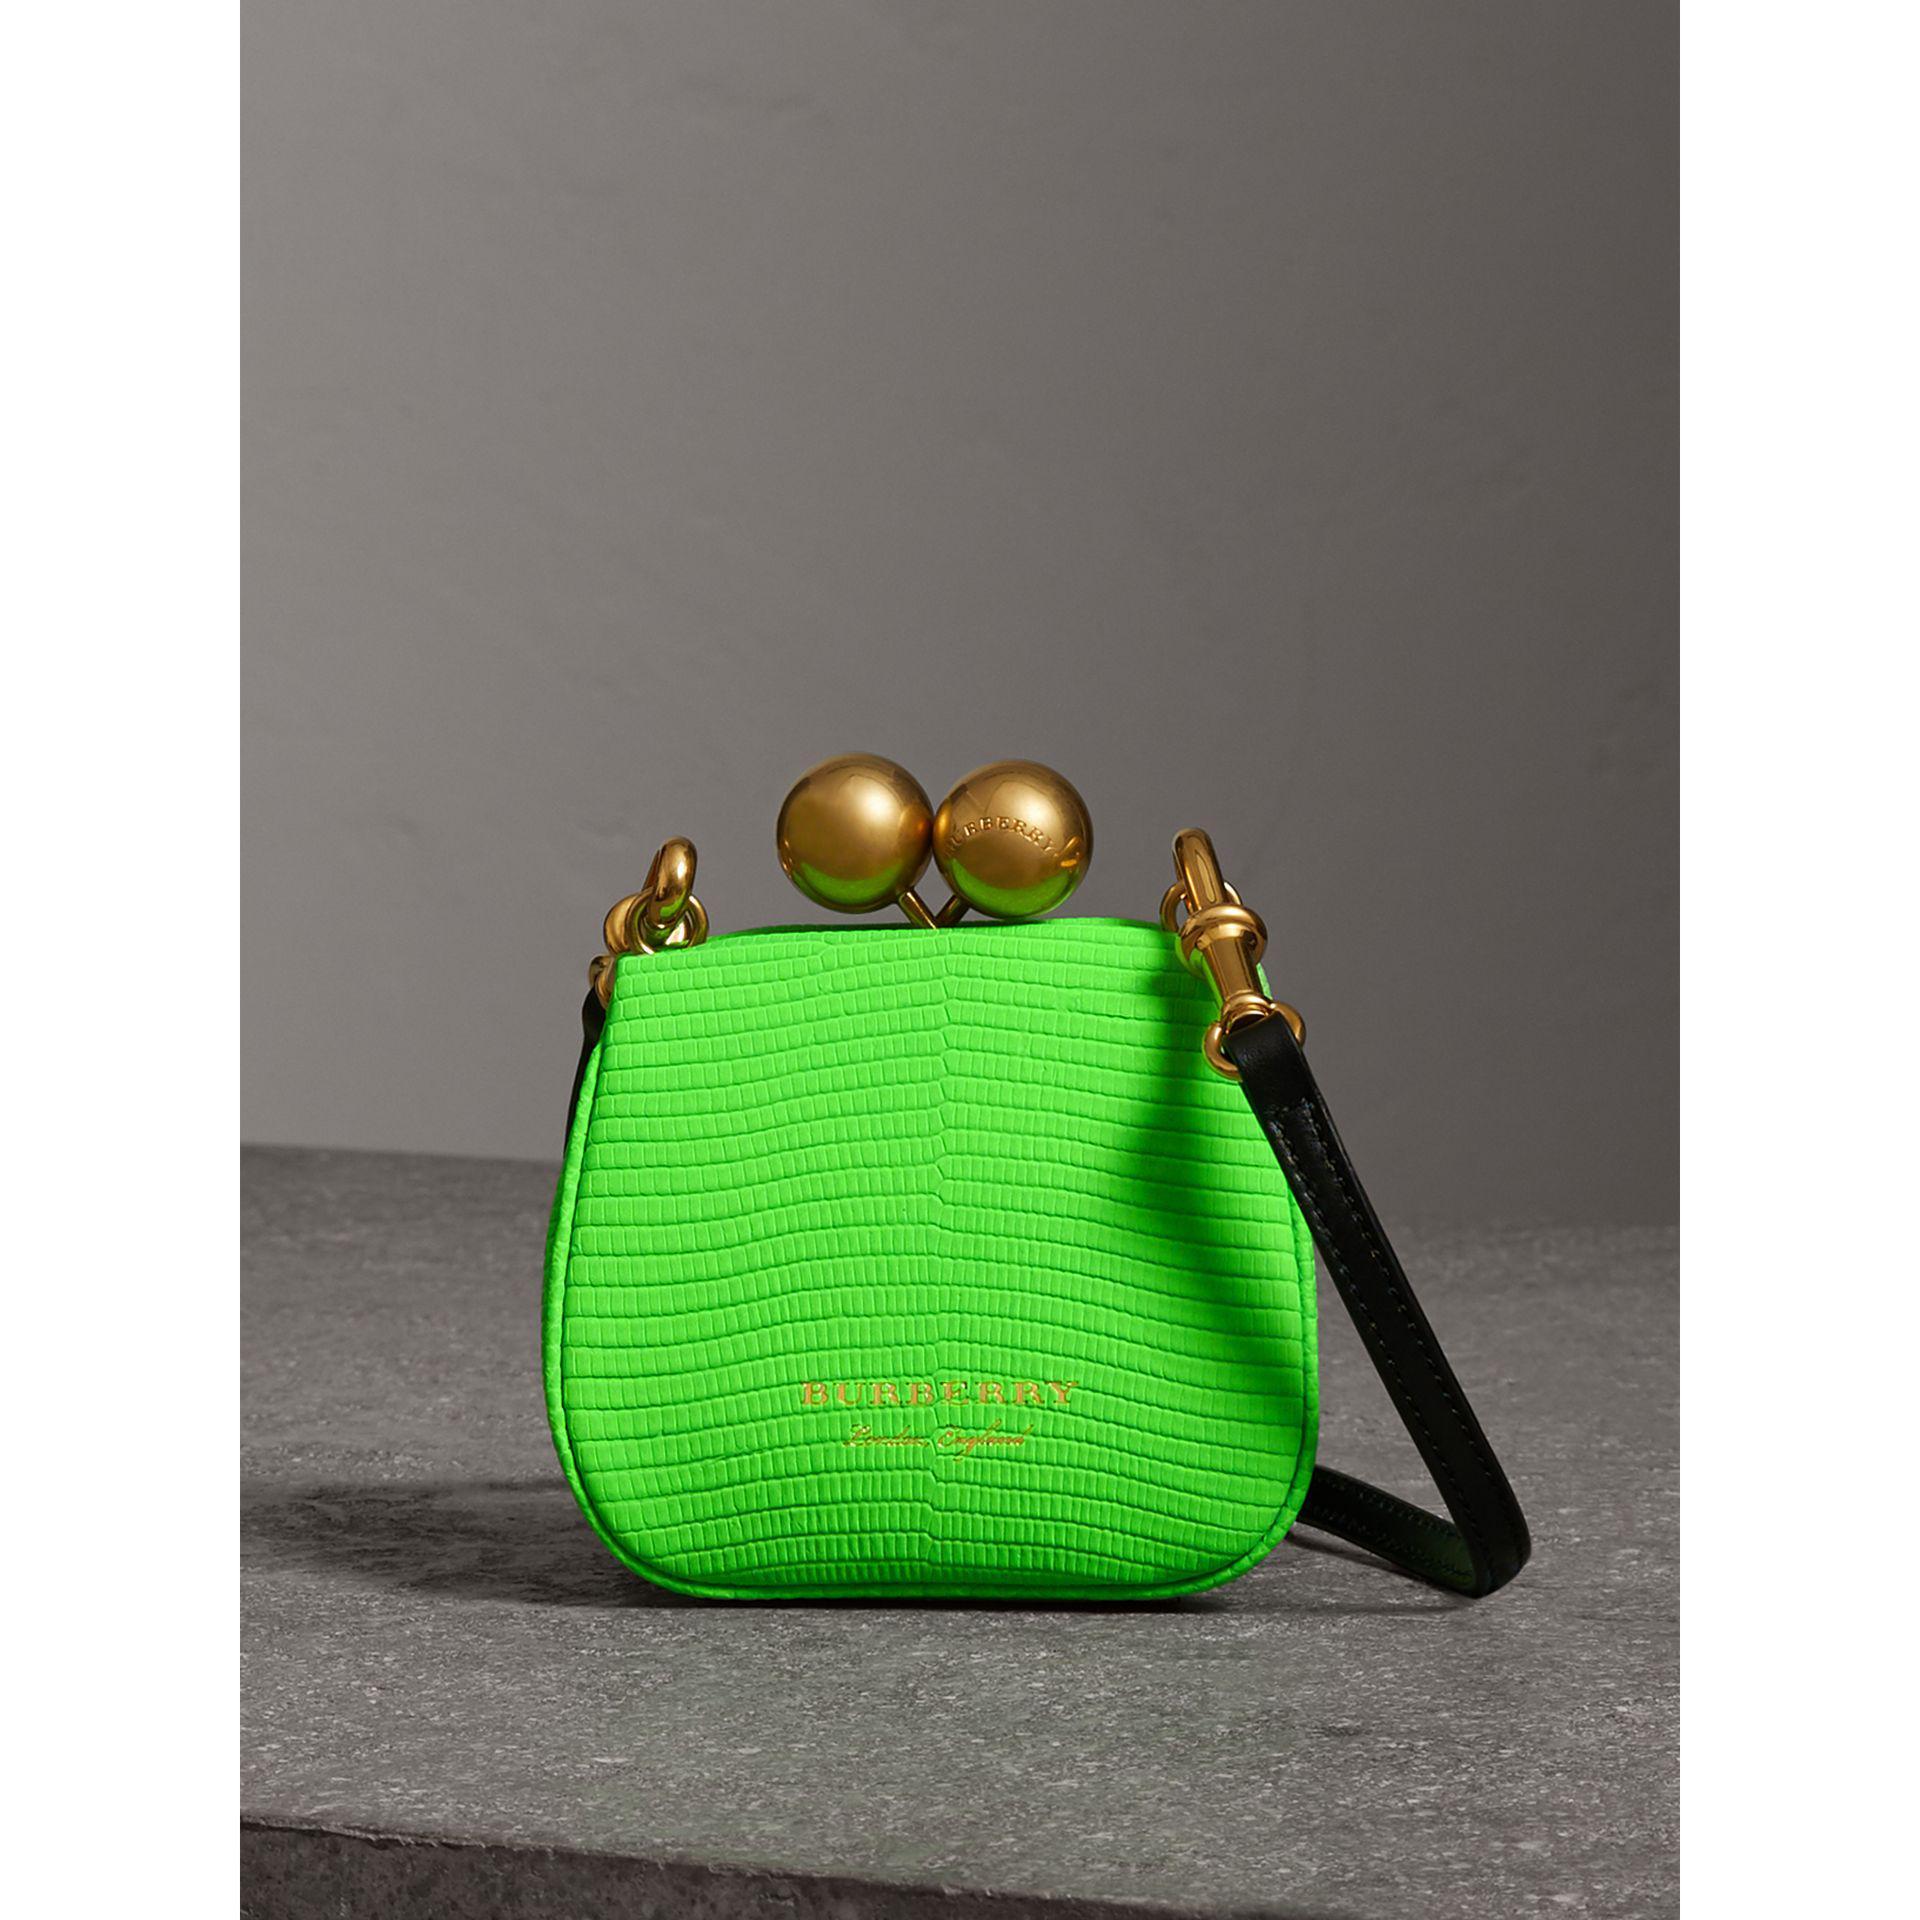 El futuro de los bolsos está en los colores neón - image bolsos-neon on https://www.vanidad.es